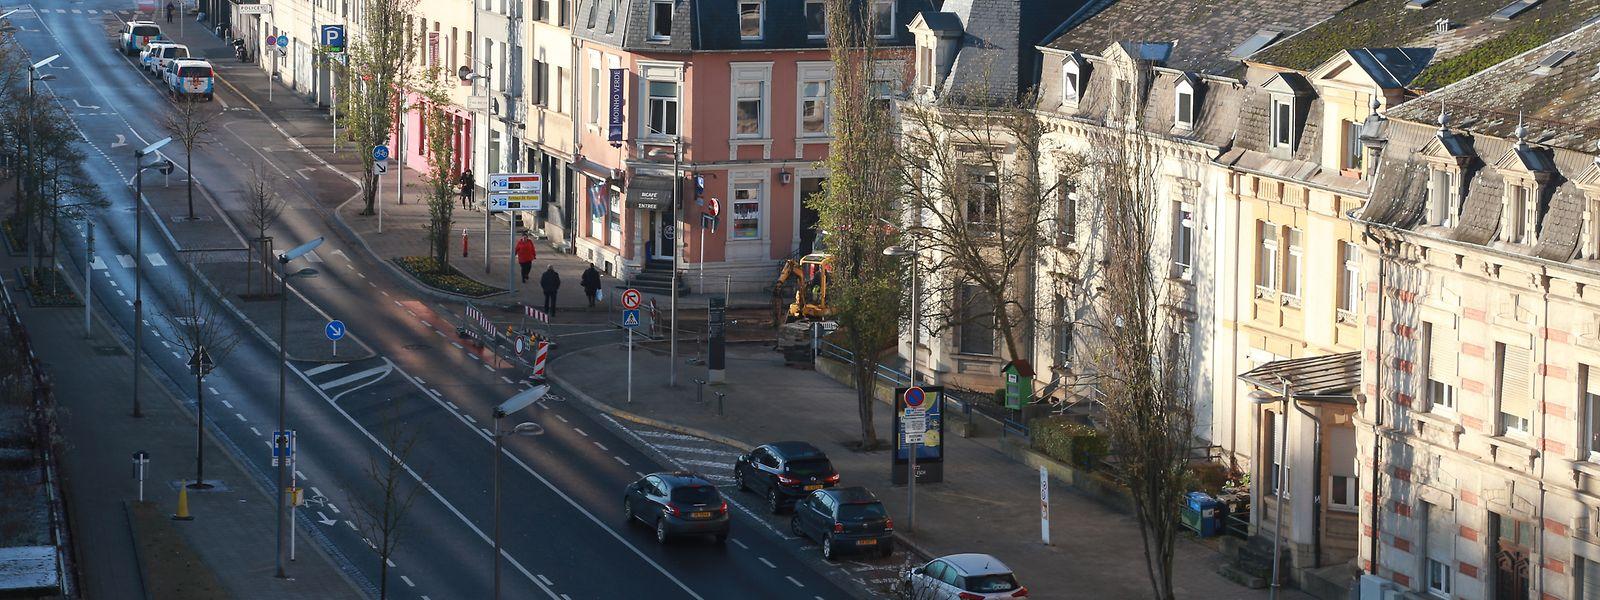 Fokus, Luxembourg, Esch, Stadt Esch, Sicherheitsbeilage, Bahnhof, gare, Passerelle, photo Anouk Antony